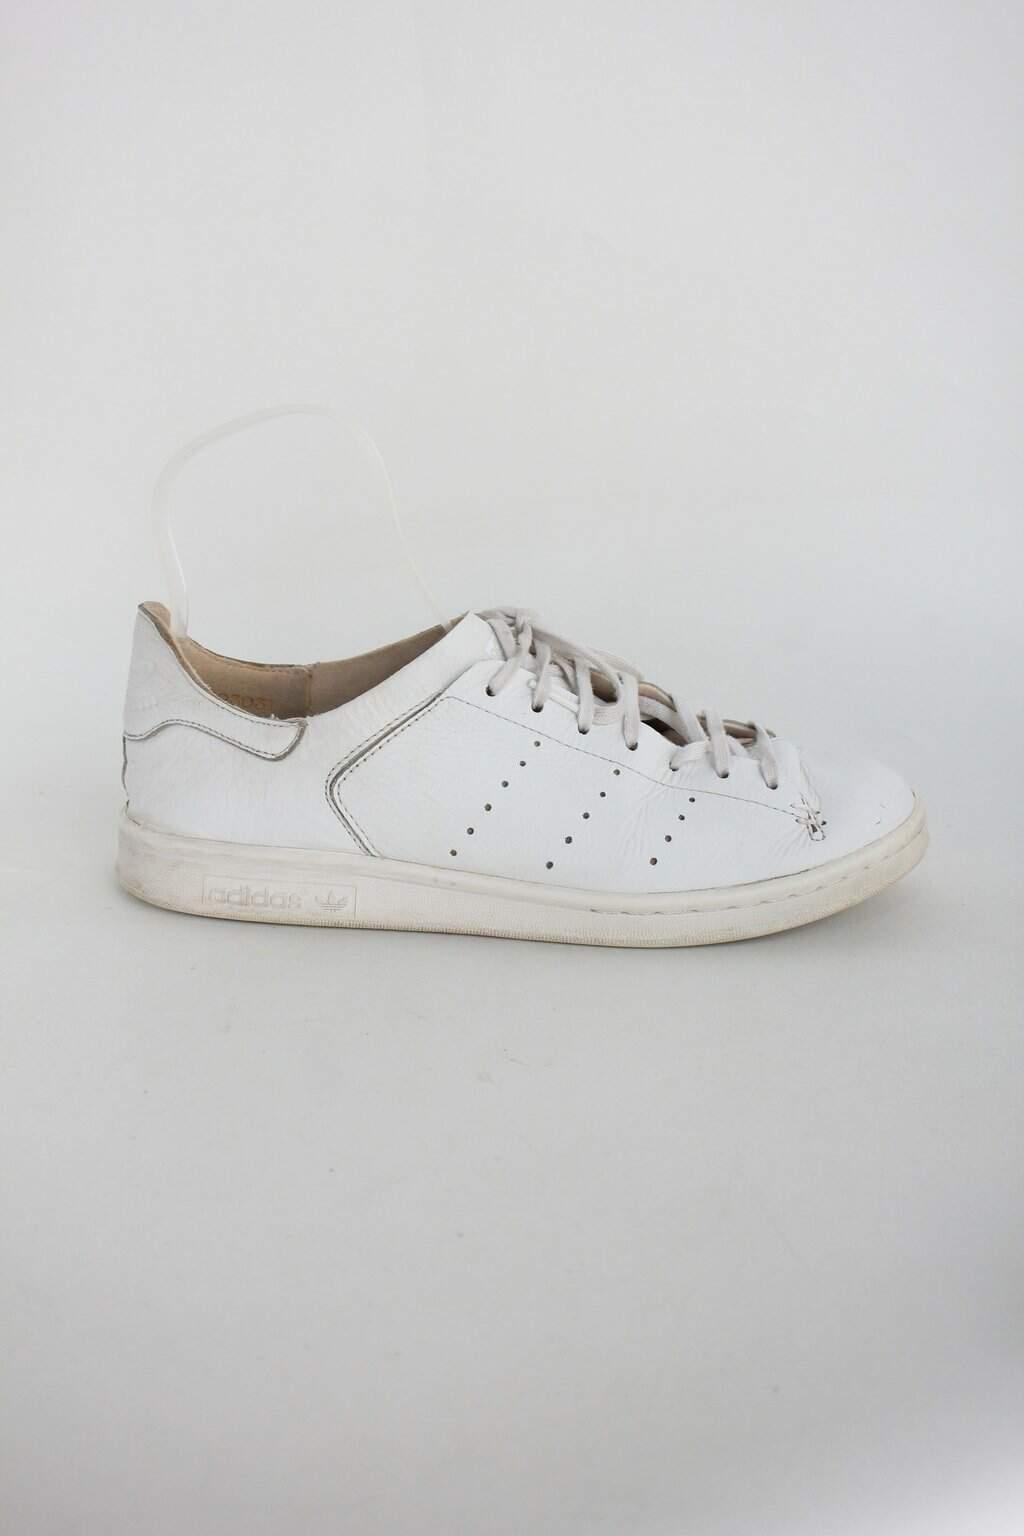 Tênis Adidas Feminino Branco Laminado